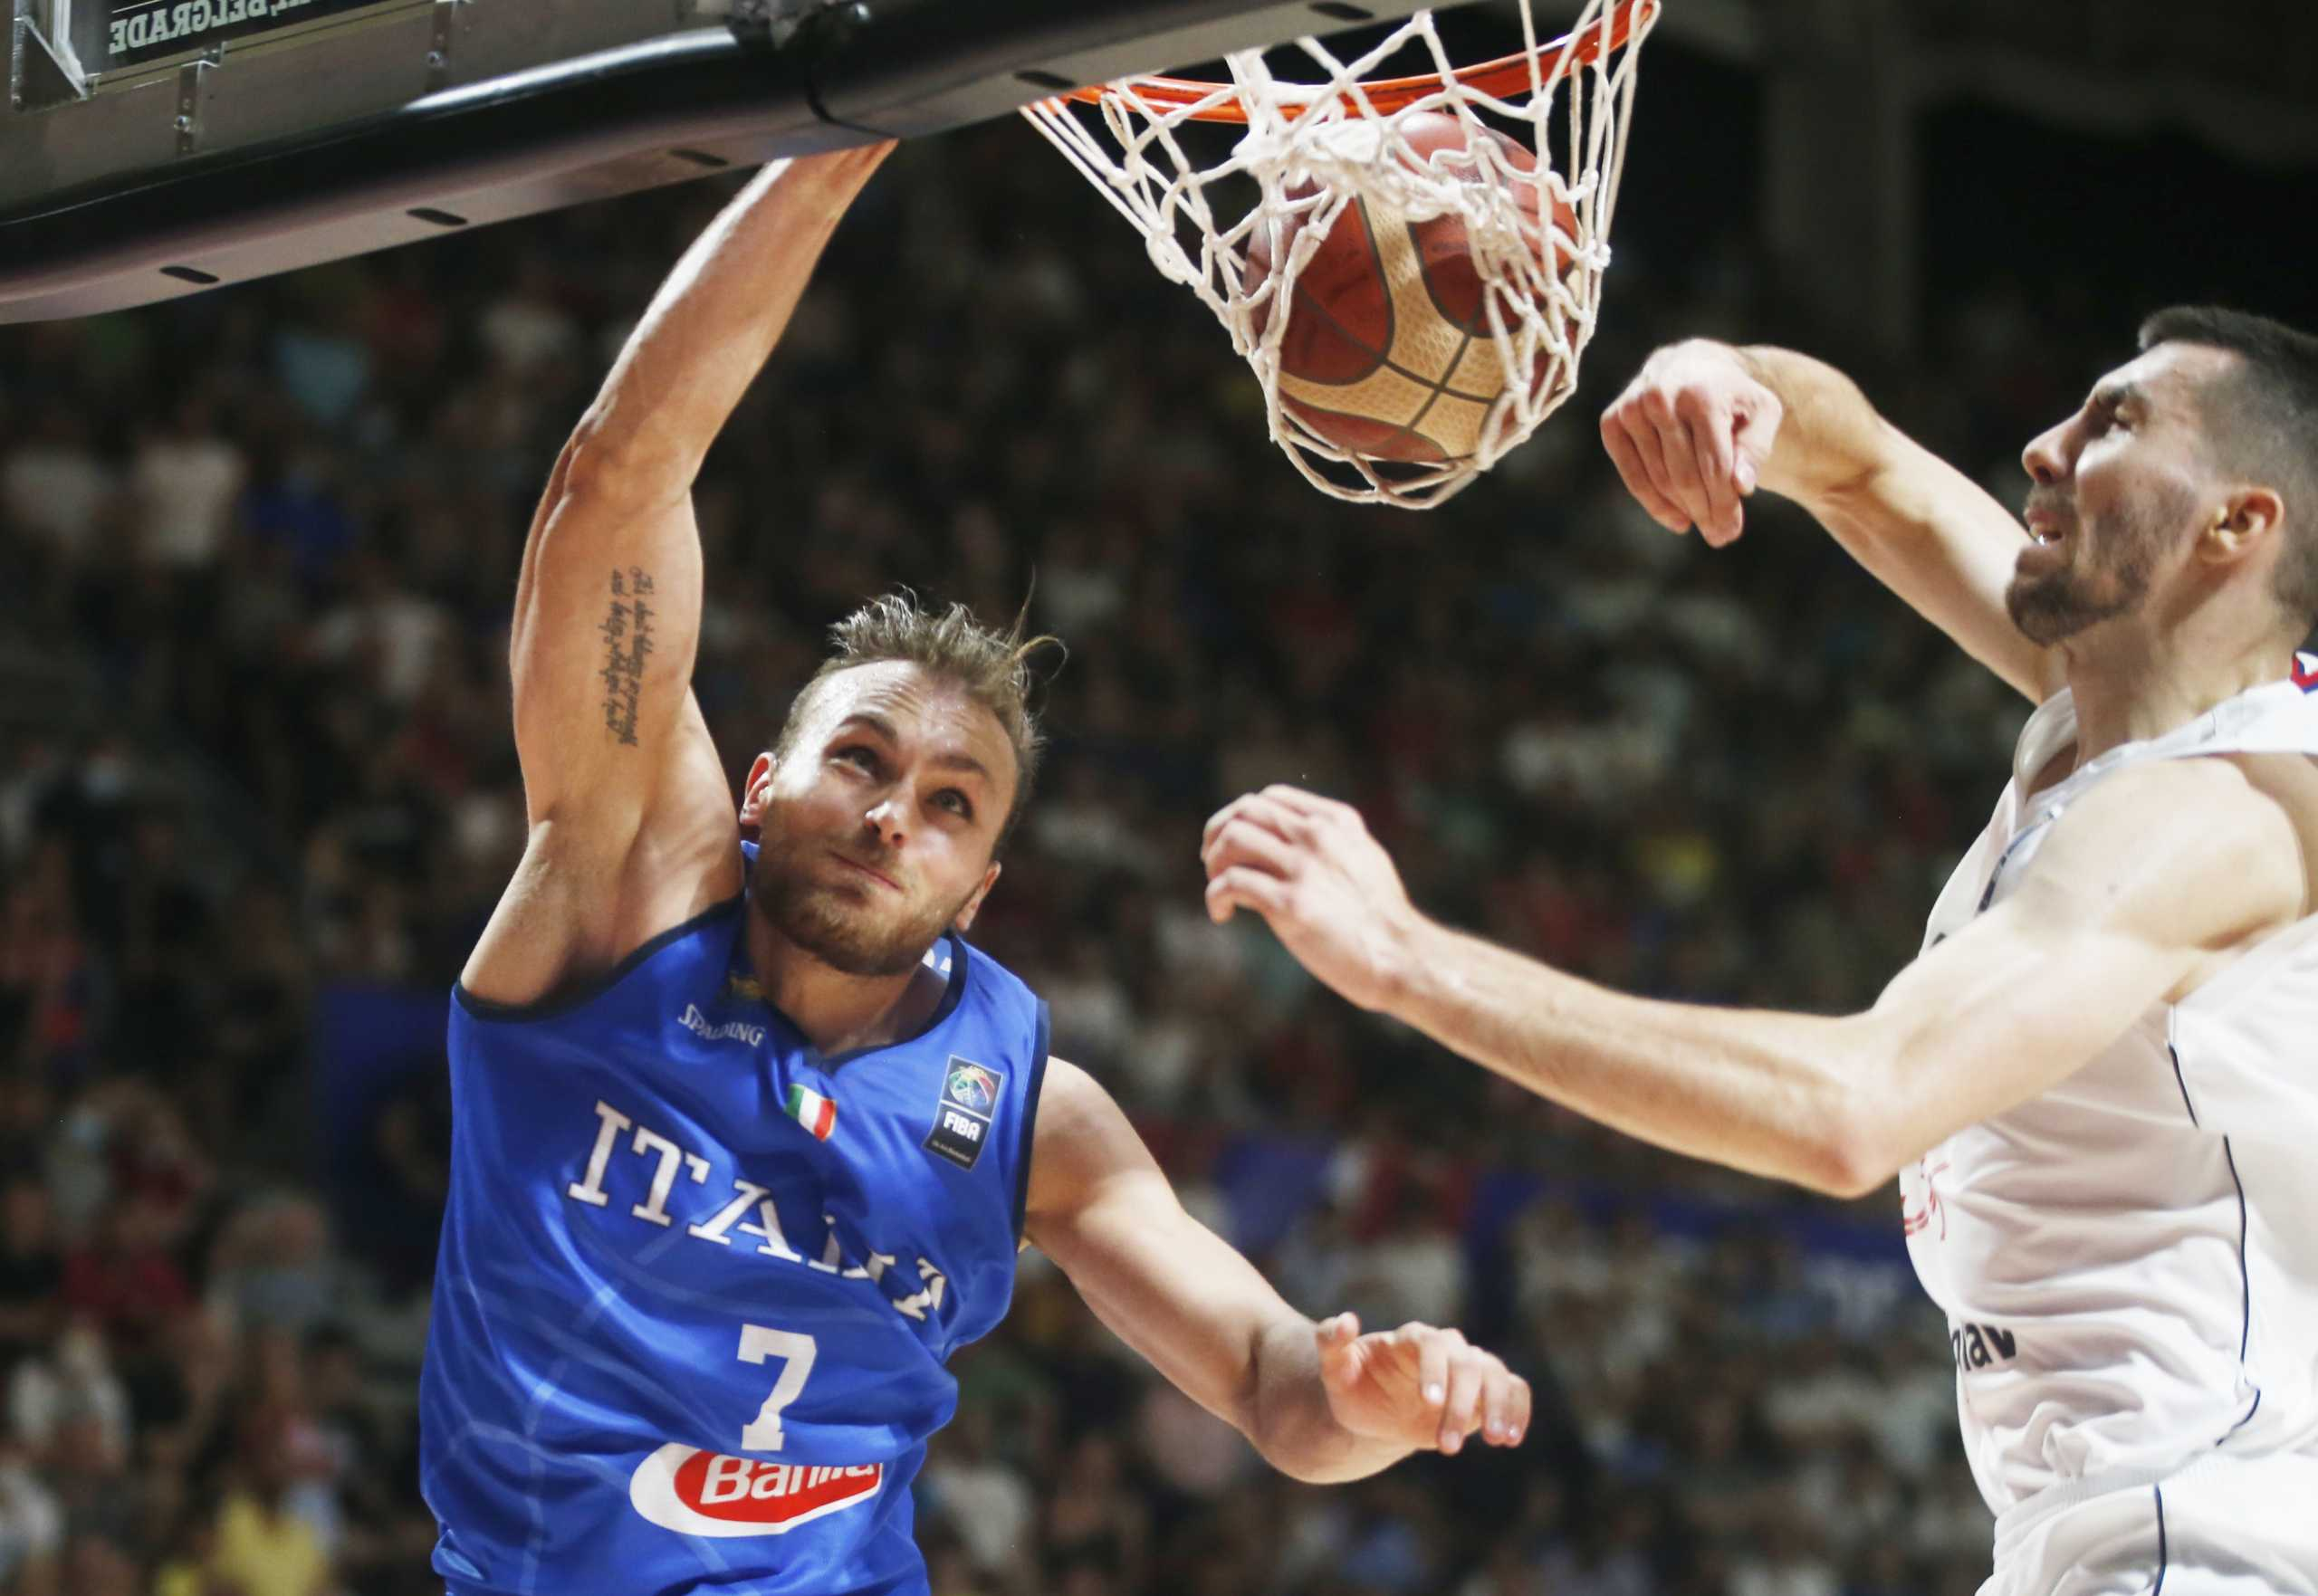 Η Ιταλία «έκλεισε το σπίτι» της Σερβίας και πήρε την πρόκριση για τους Ολυμπιακούς Αγώνες